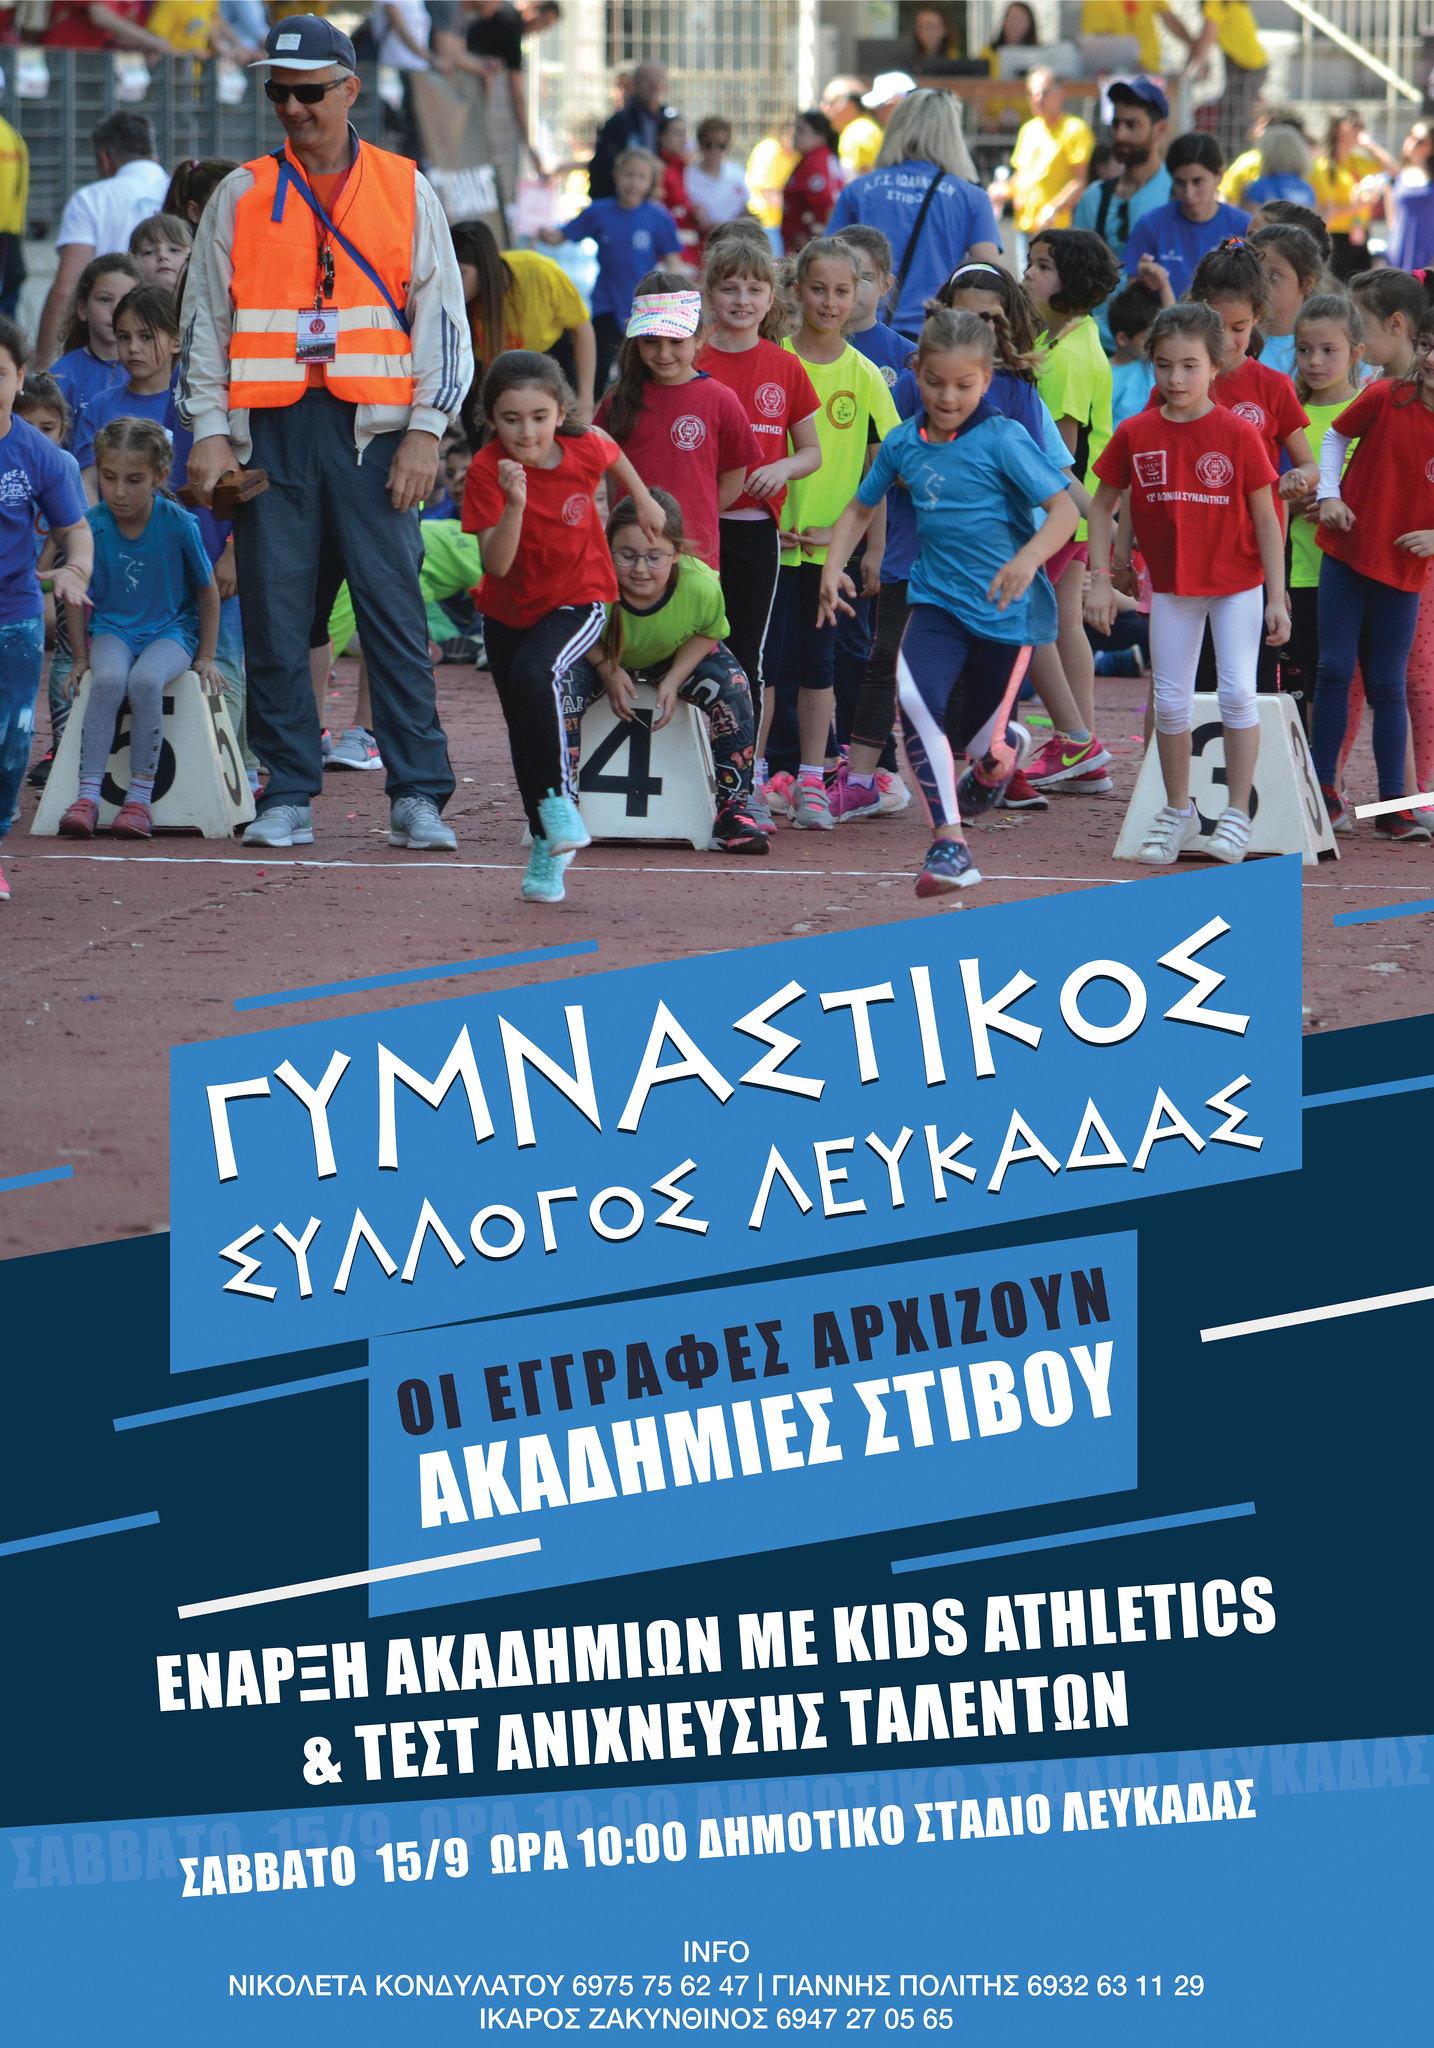 Gymnastikos Eggrafes 2018-2019